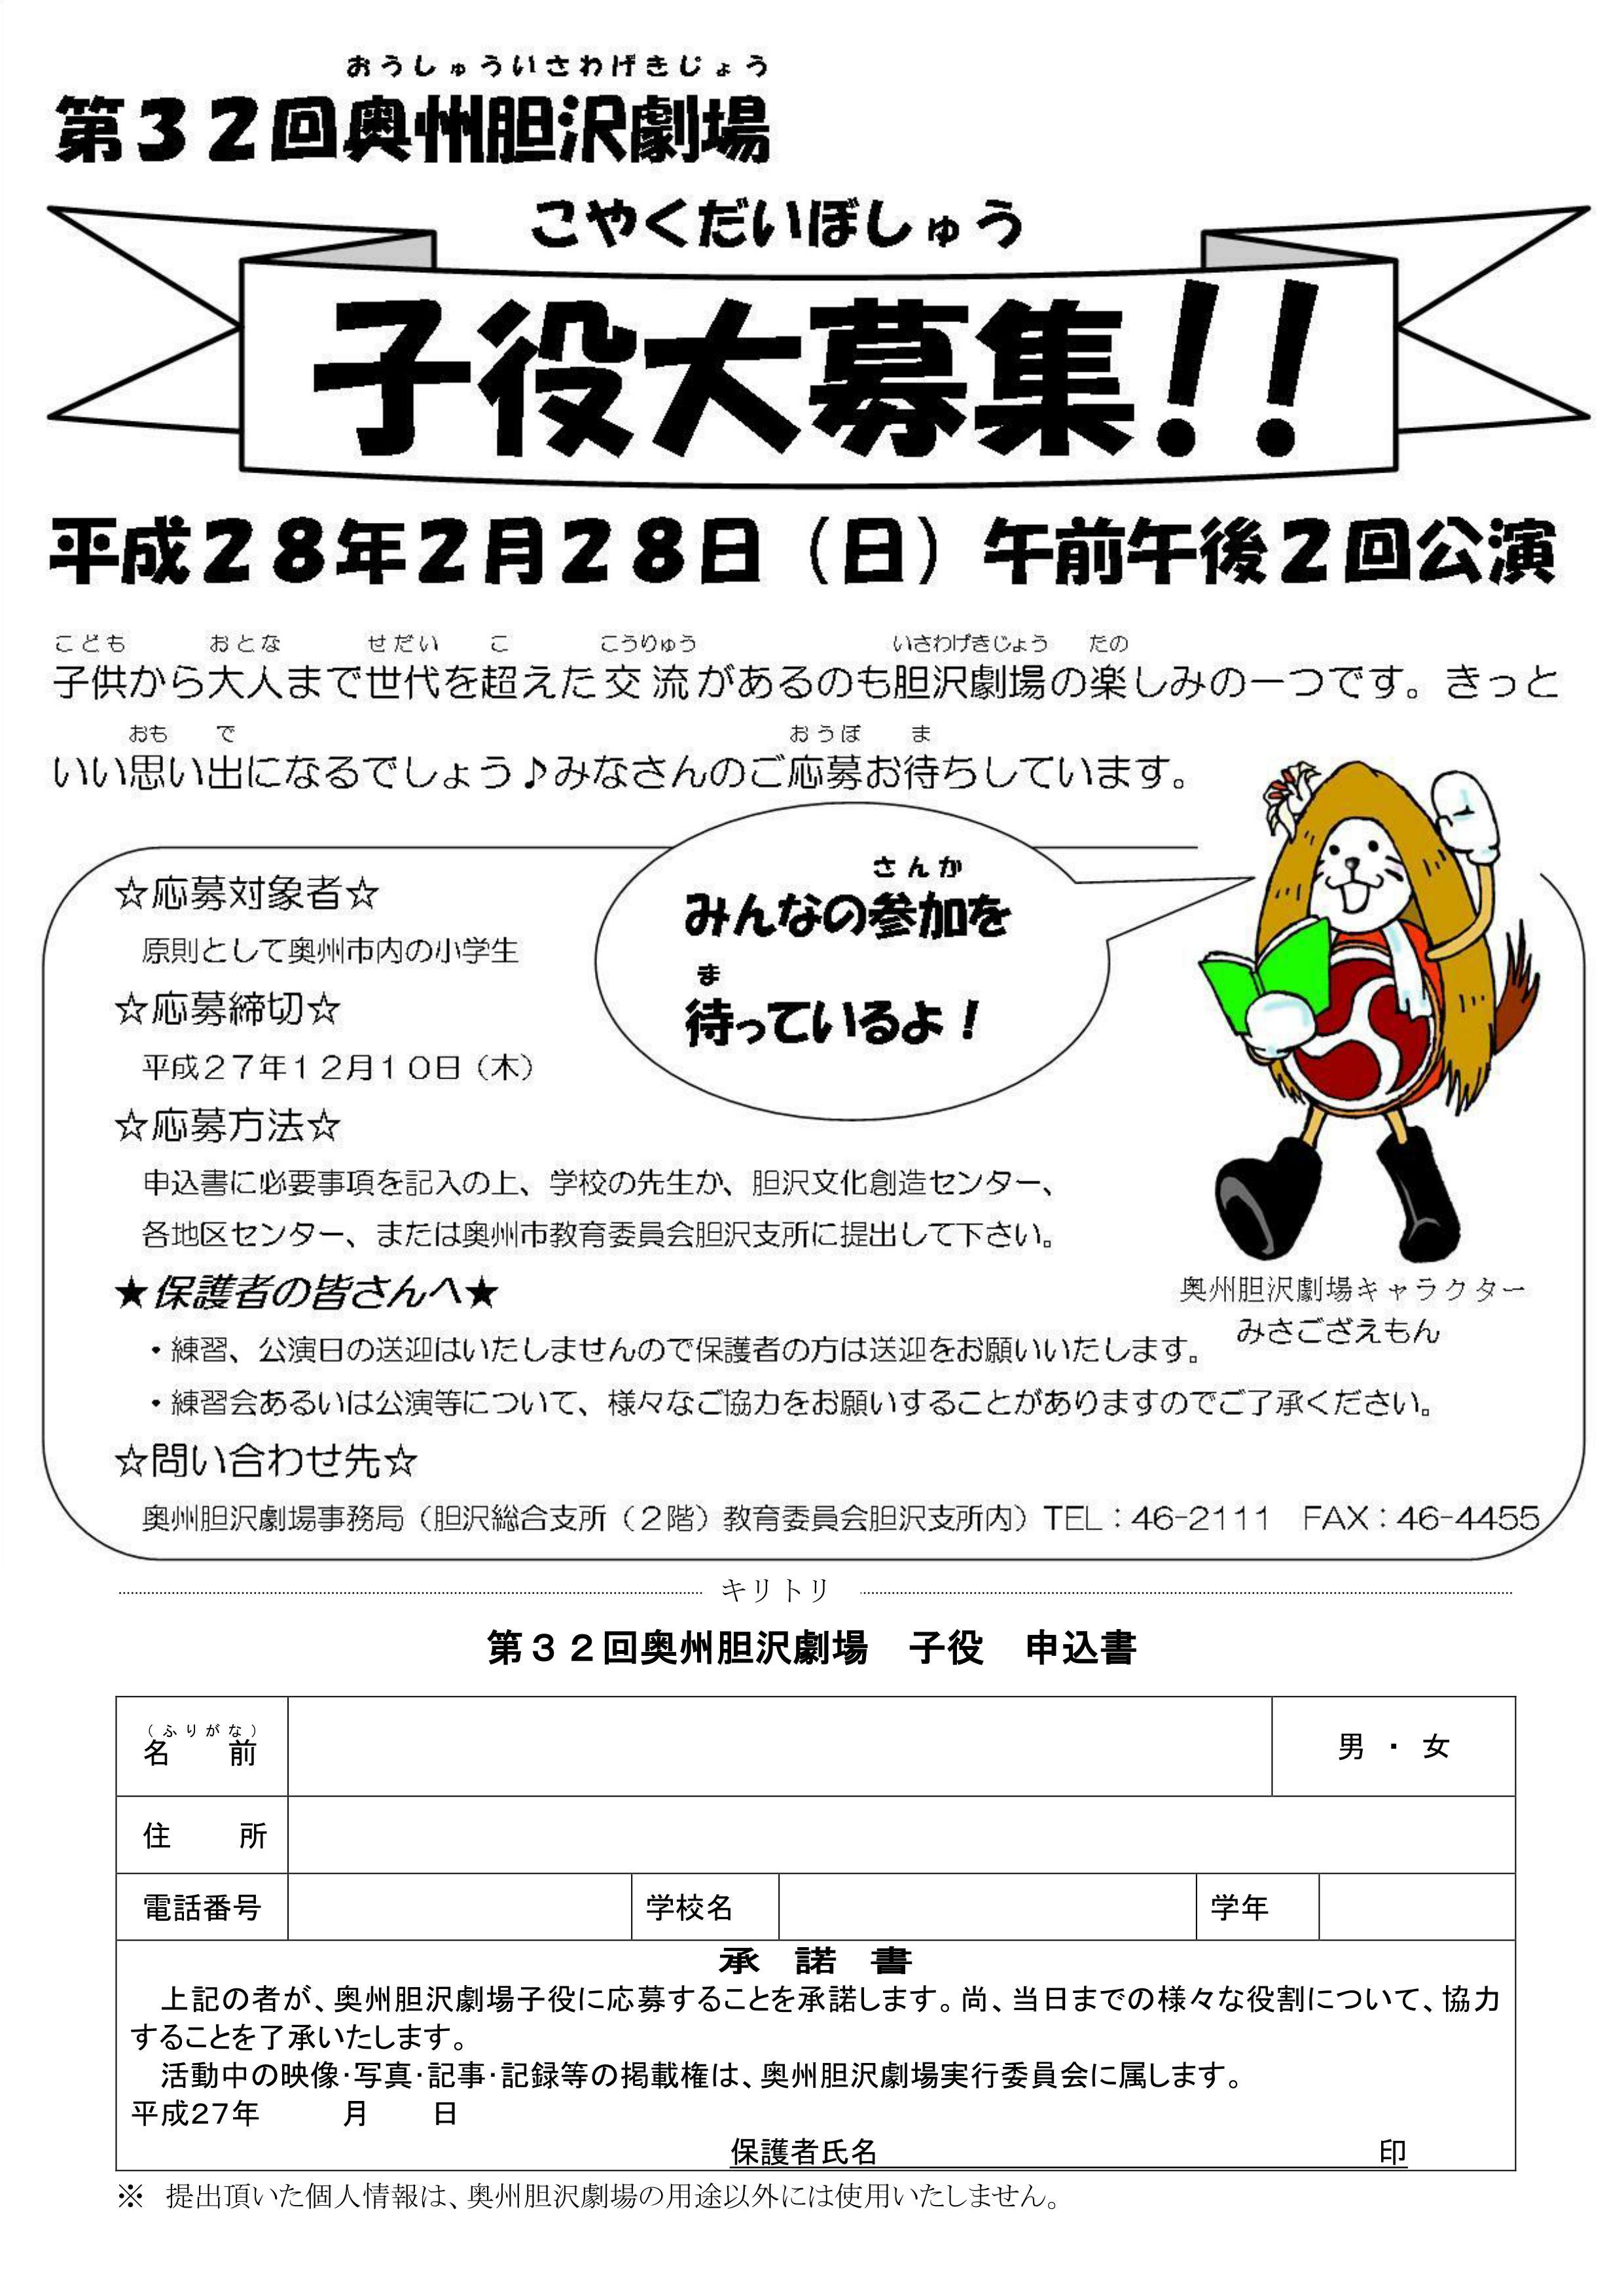 koyaku_tirasi_imgs-0001.jpg